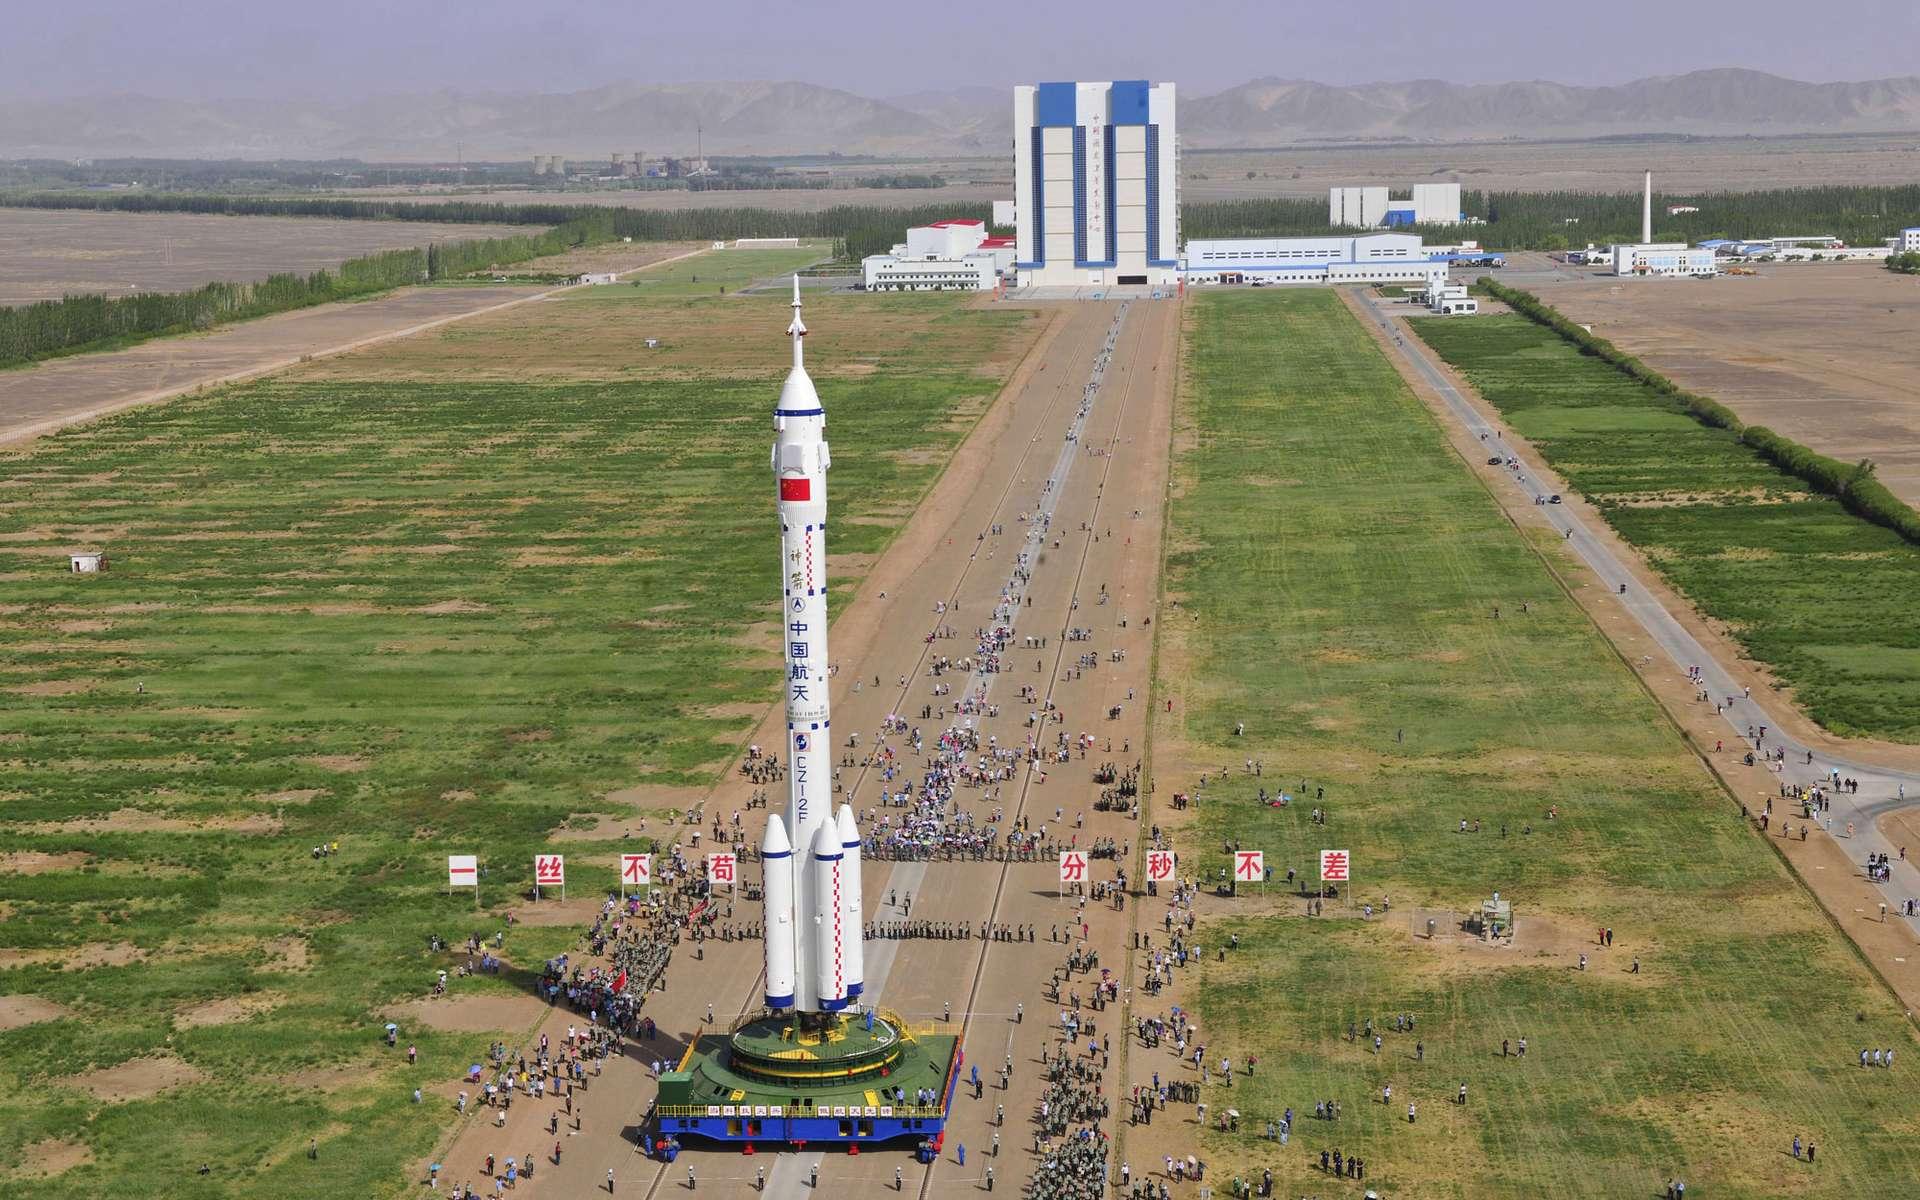 En 2016, un équipage de trois taïkonautes devrait voler dans l'espace et rejoindre le module orbital Tiangong-2, s'y amarrer et séjourner plusieurs jours à bord. © CNSA